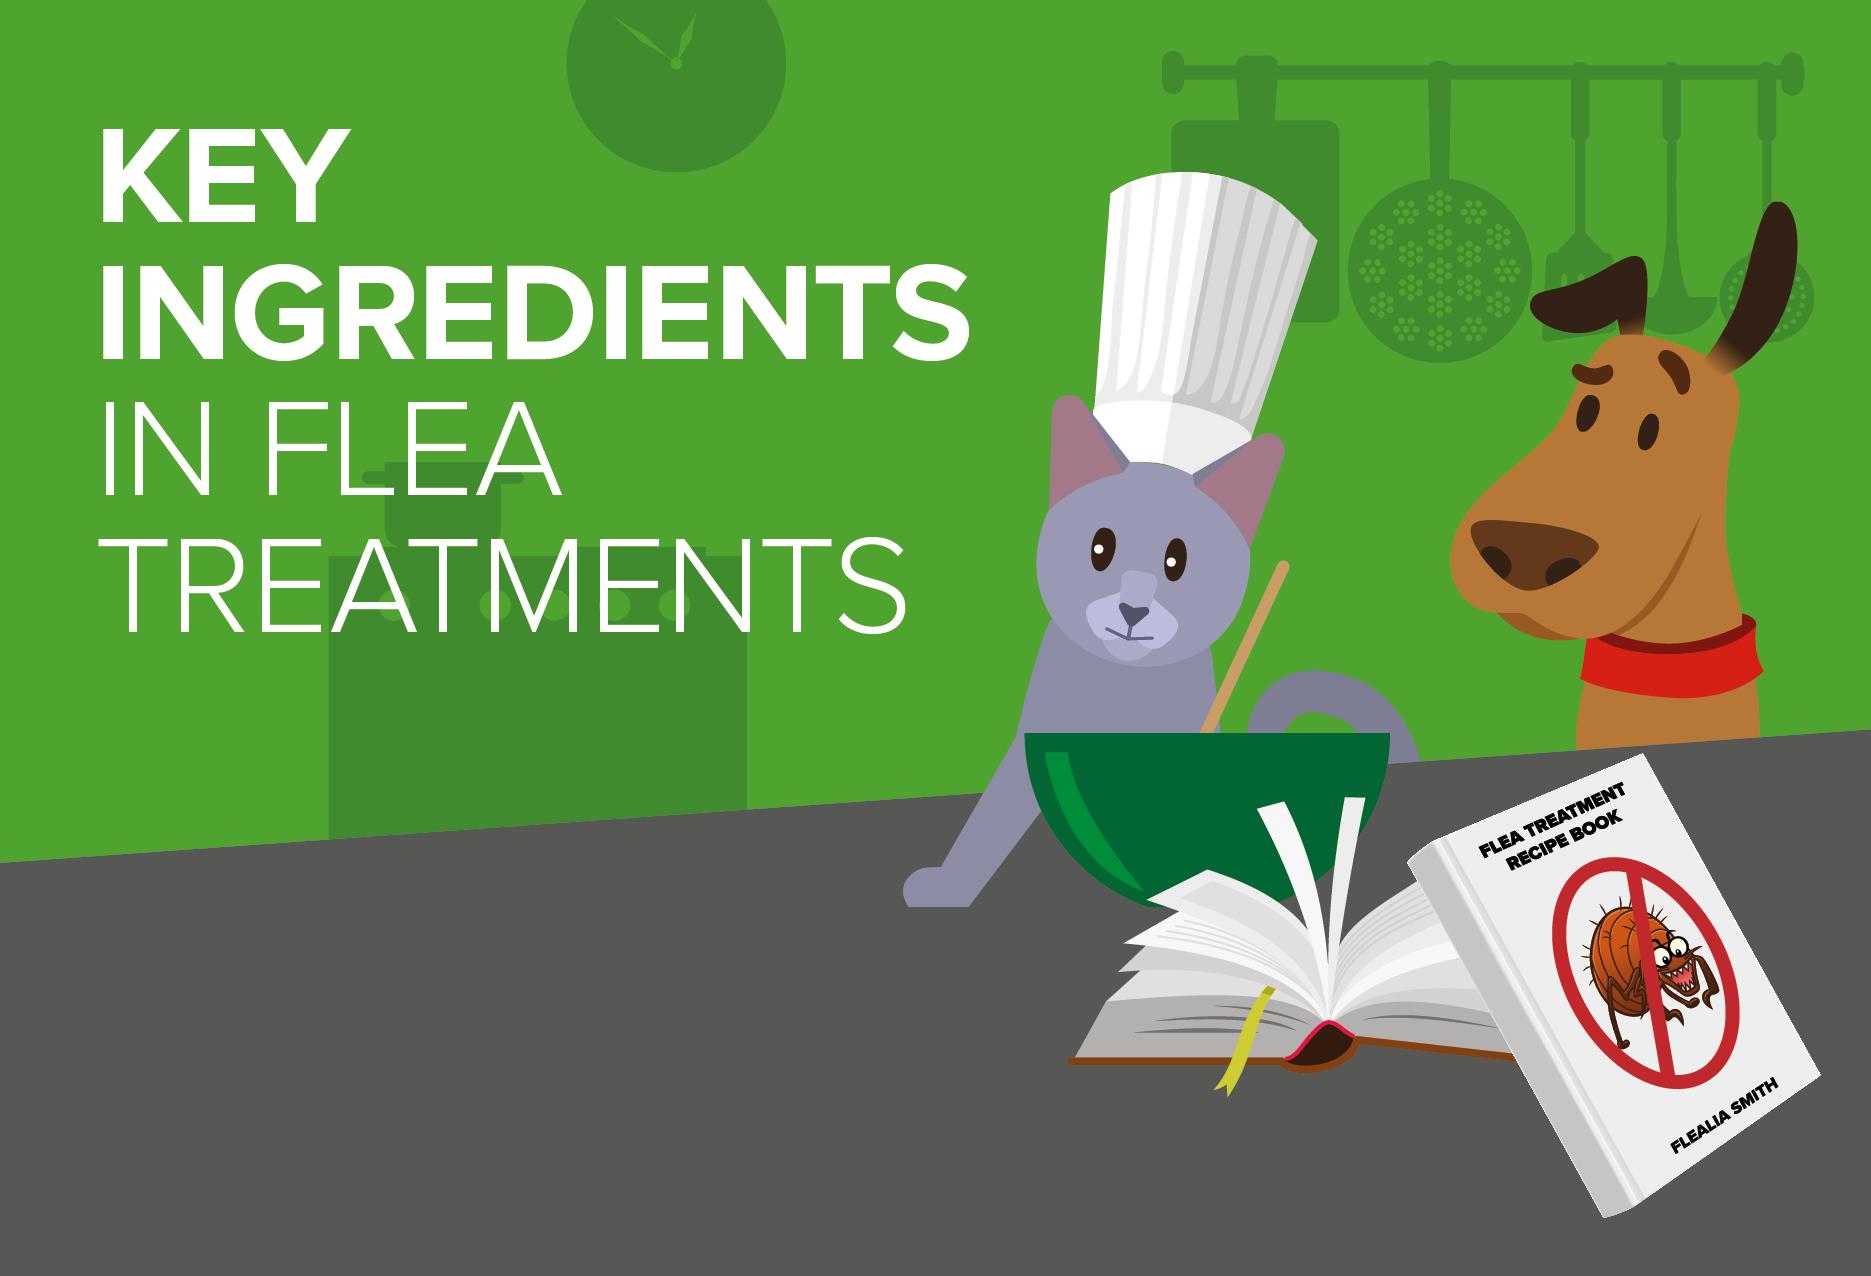 Key ingredients in flea treatments